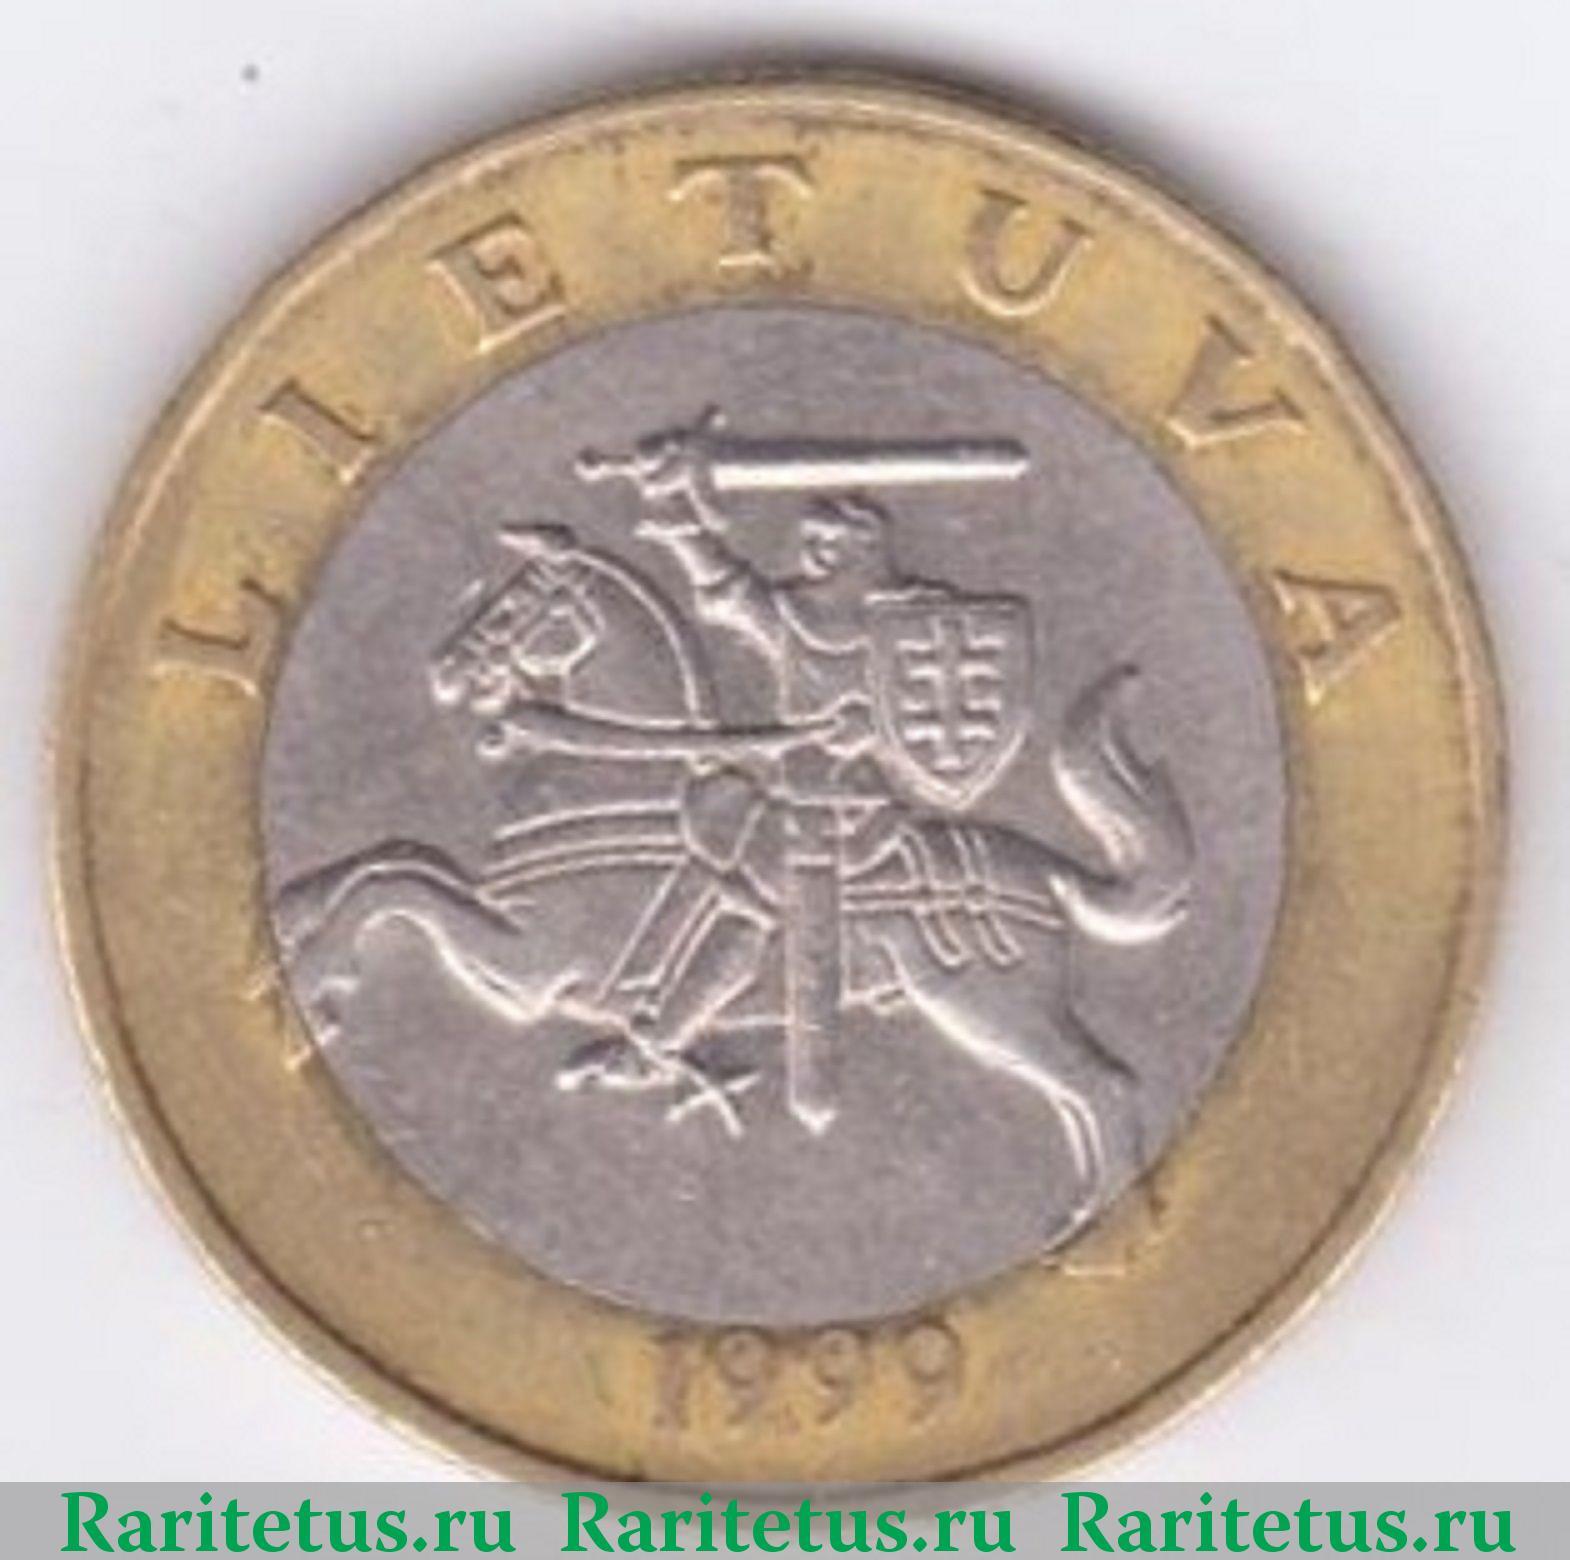 Сколько стоит 2 litai 2001года стоимость монеты 20 senti eesti vabariik 1992